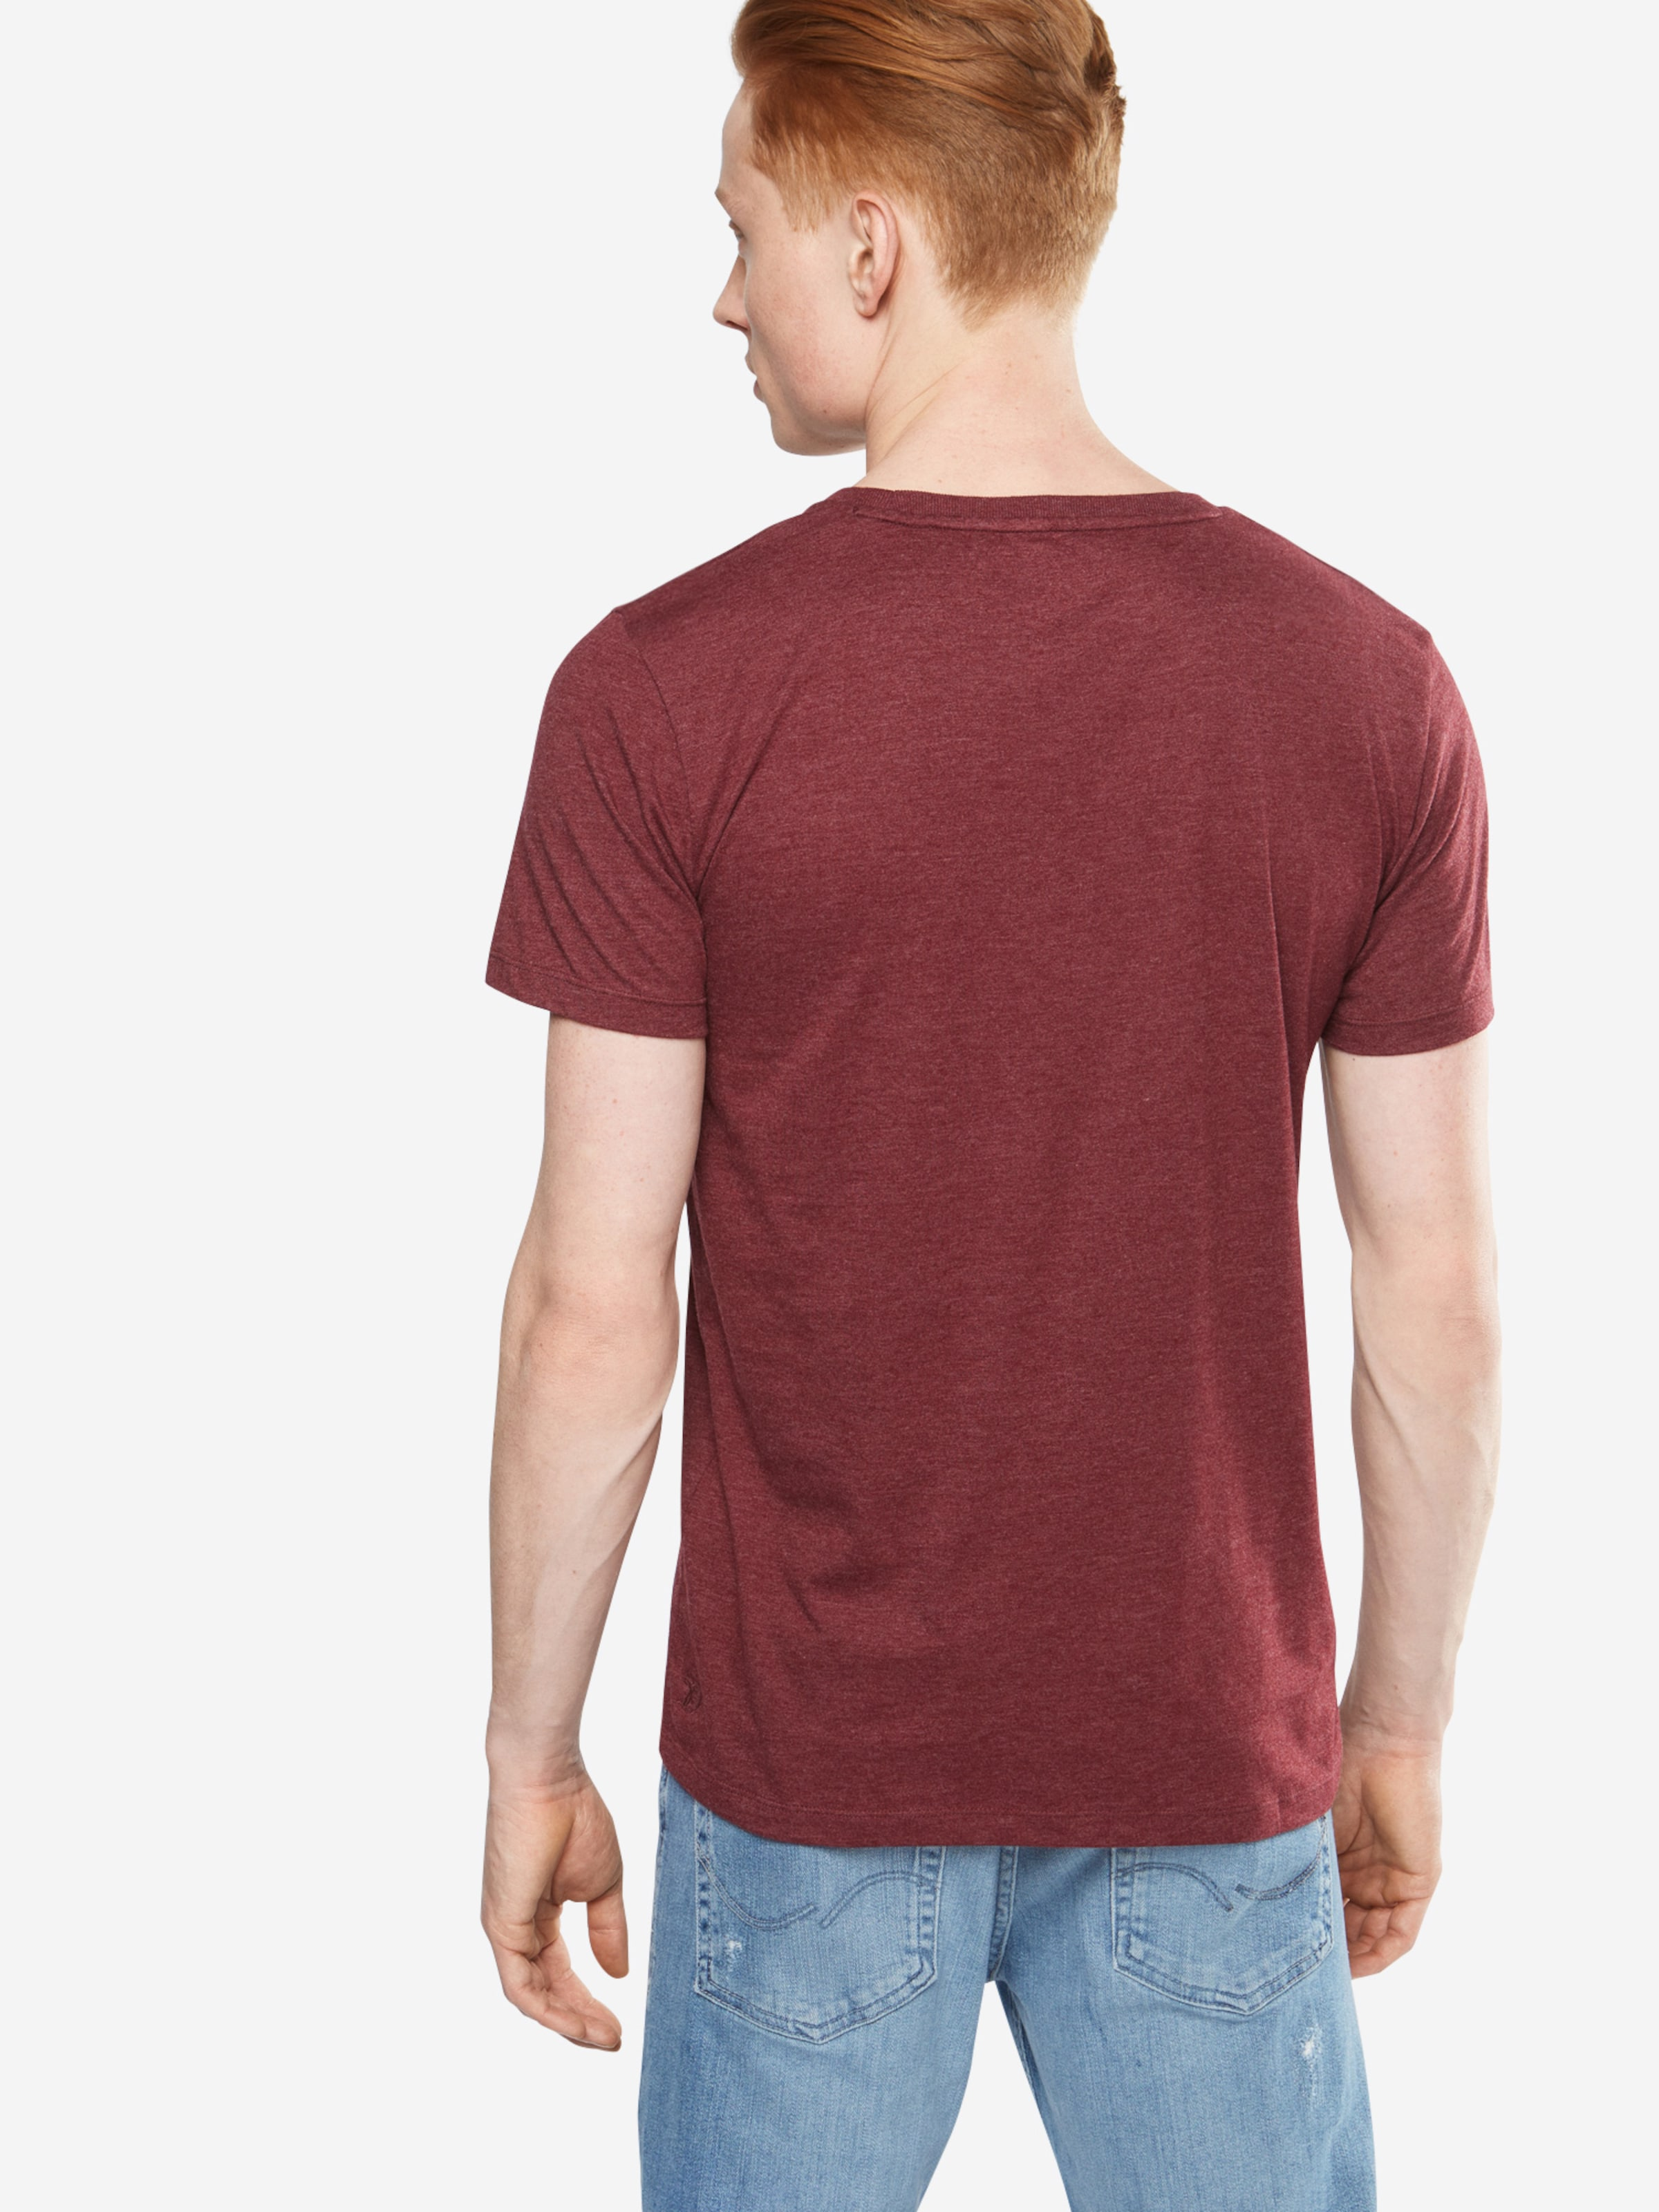 Freies Verschiffen Truhe Finish TOM TAILOR DENIM T-Shirt 'NOS melange tee with print' Rabatt Geringe Versandgebühr Einkaufen Outlet Online l3DMt